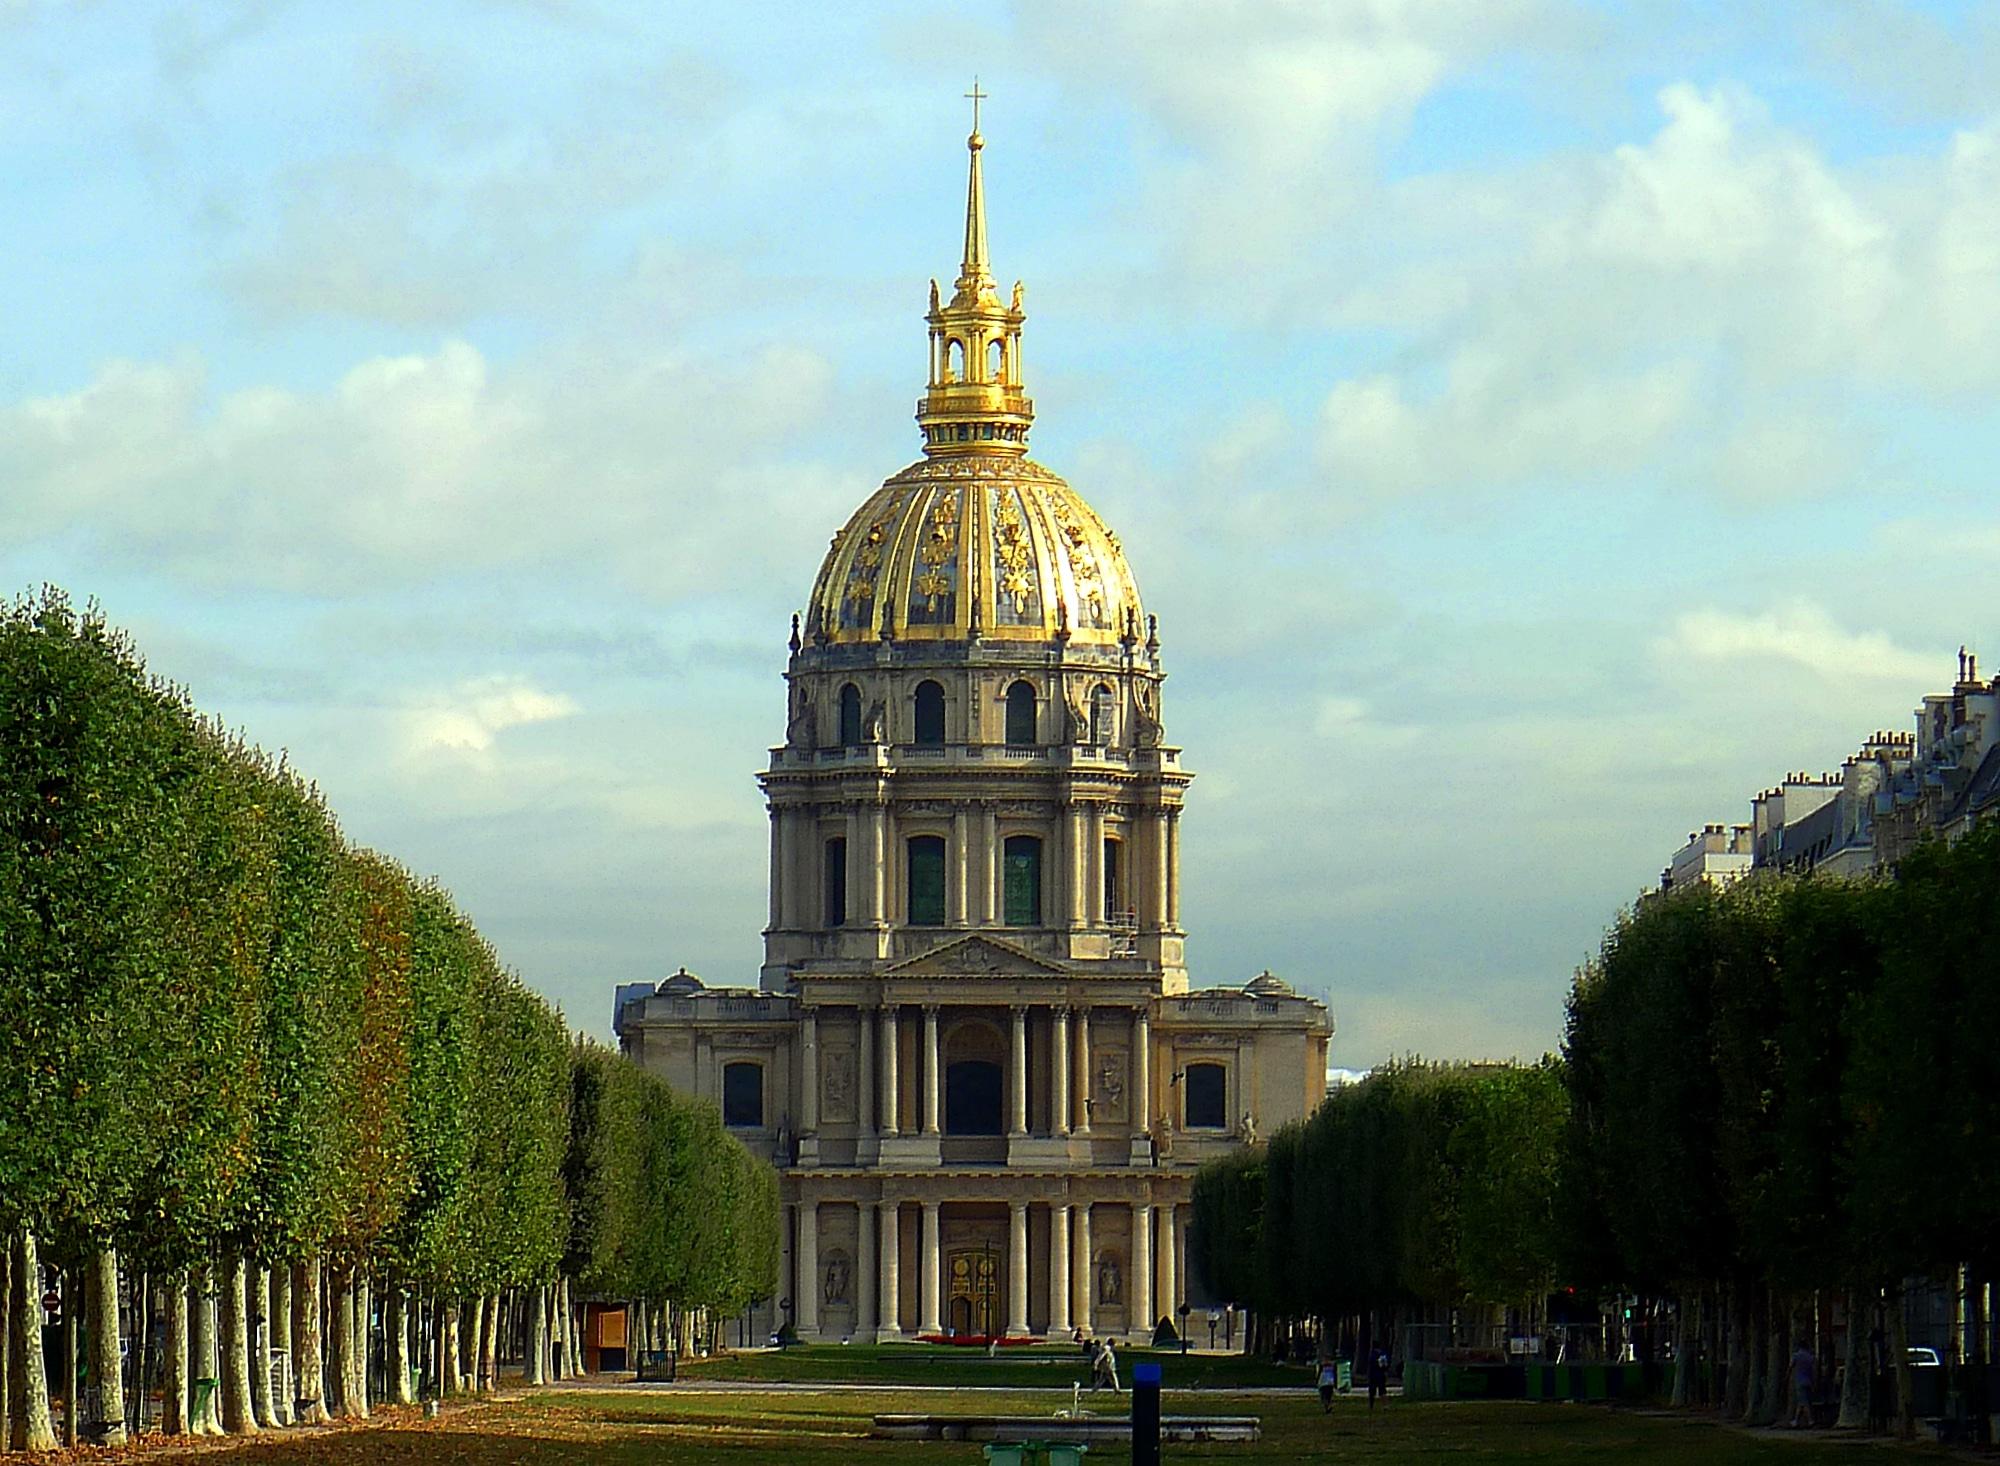 les-lieux-les-plus-tranquilles-pour-trouver-un-appartement-de-luxe-a-paris_image-2